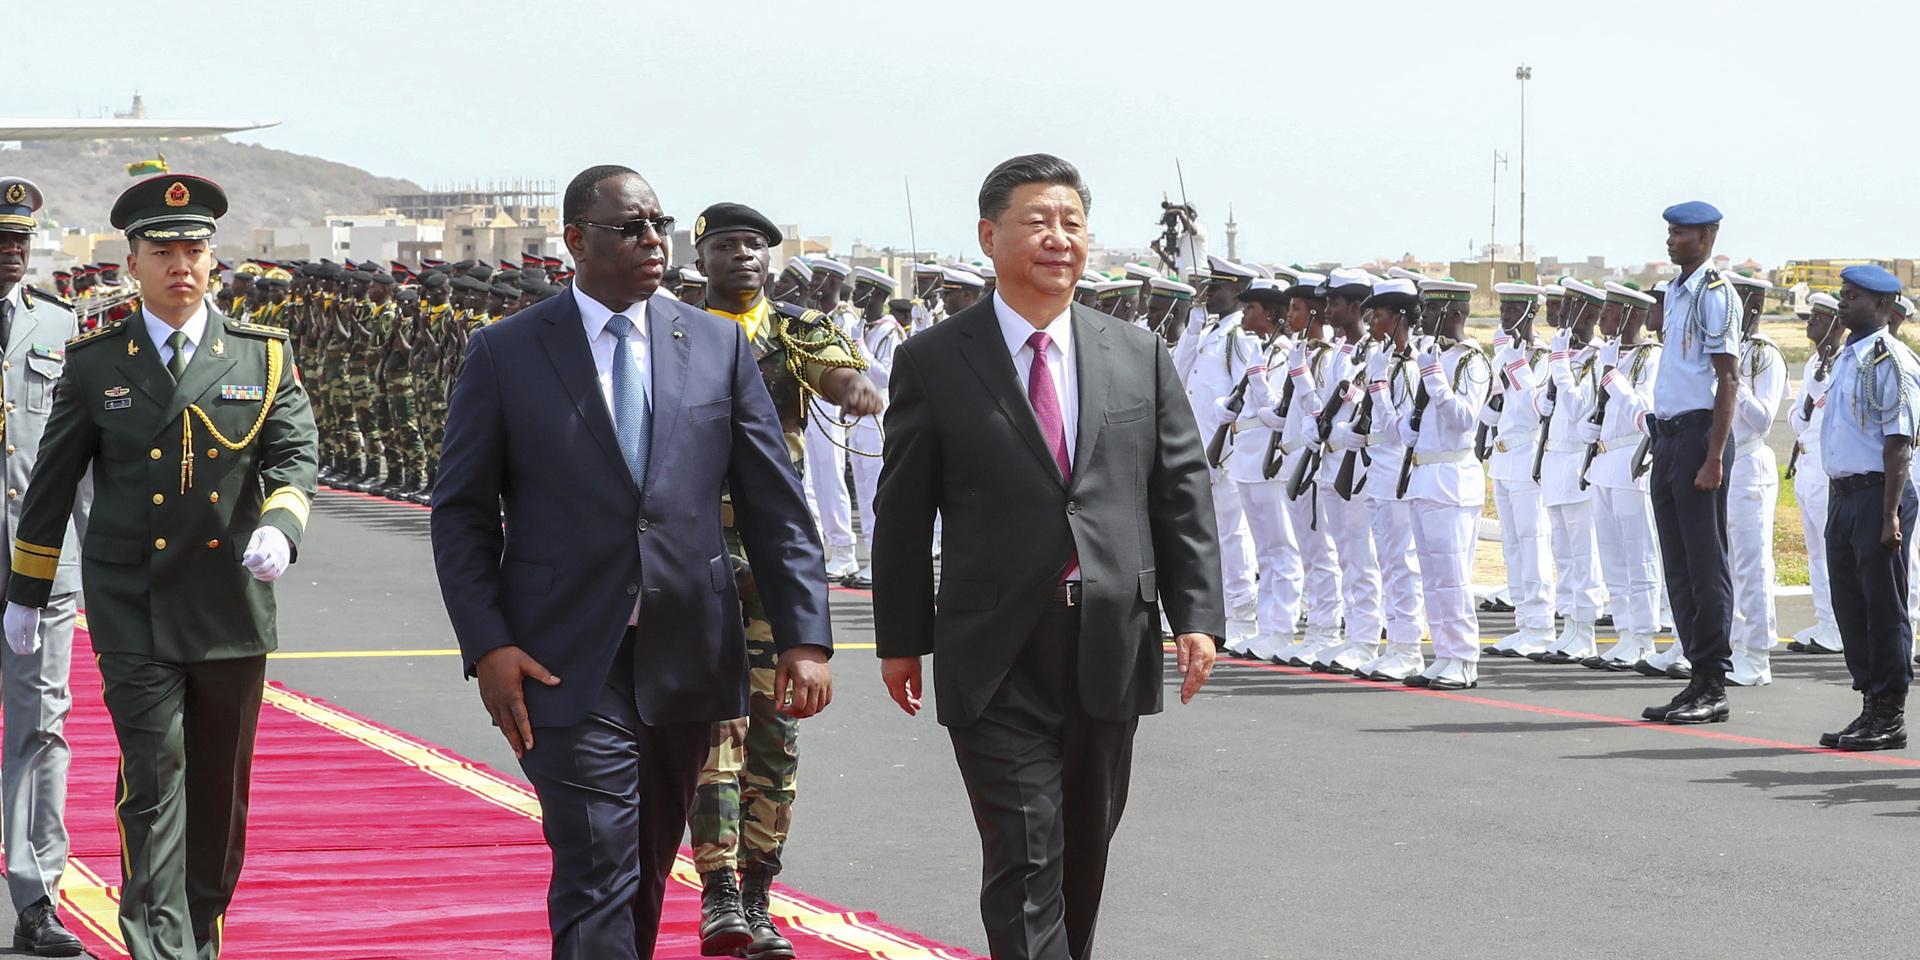 中非长期友好,命运休戚与共。